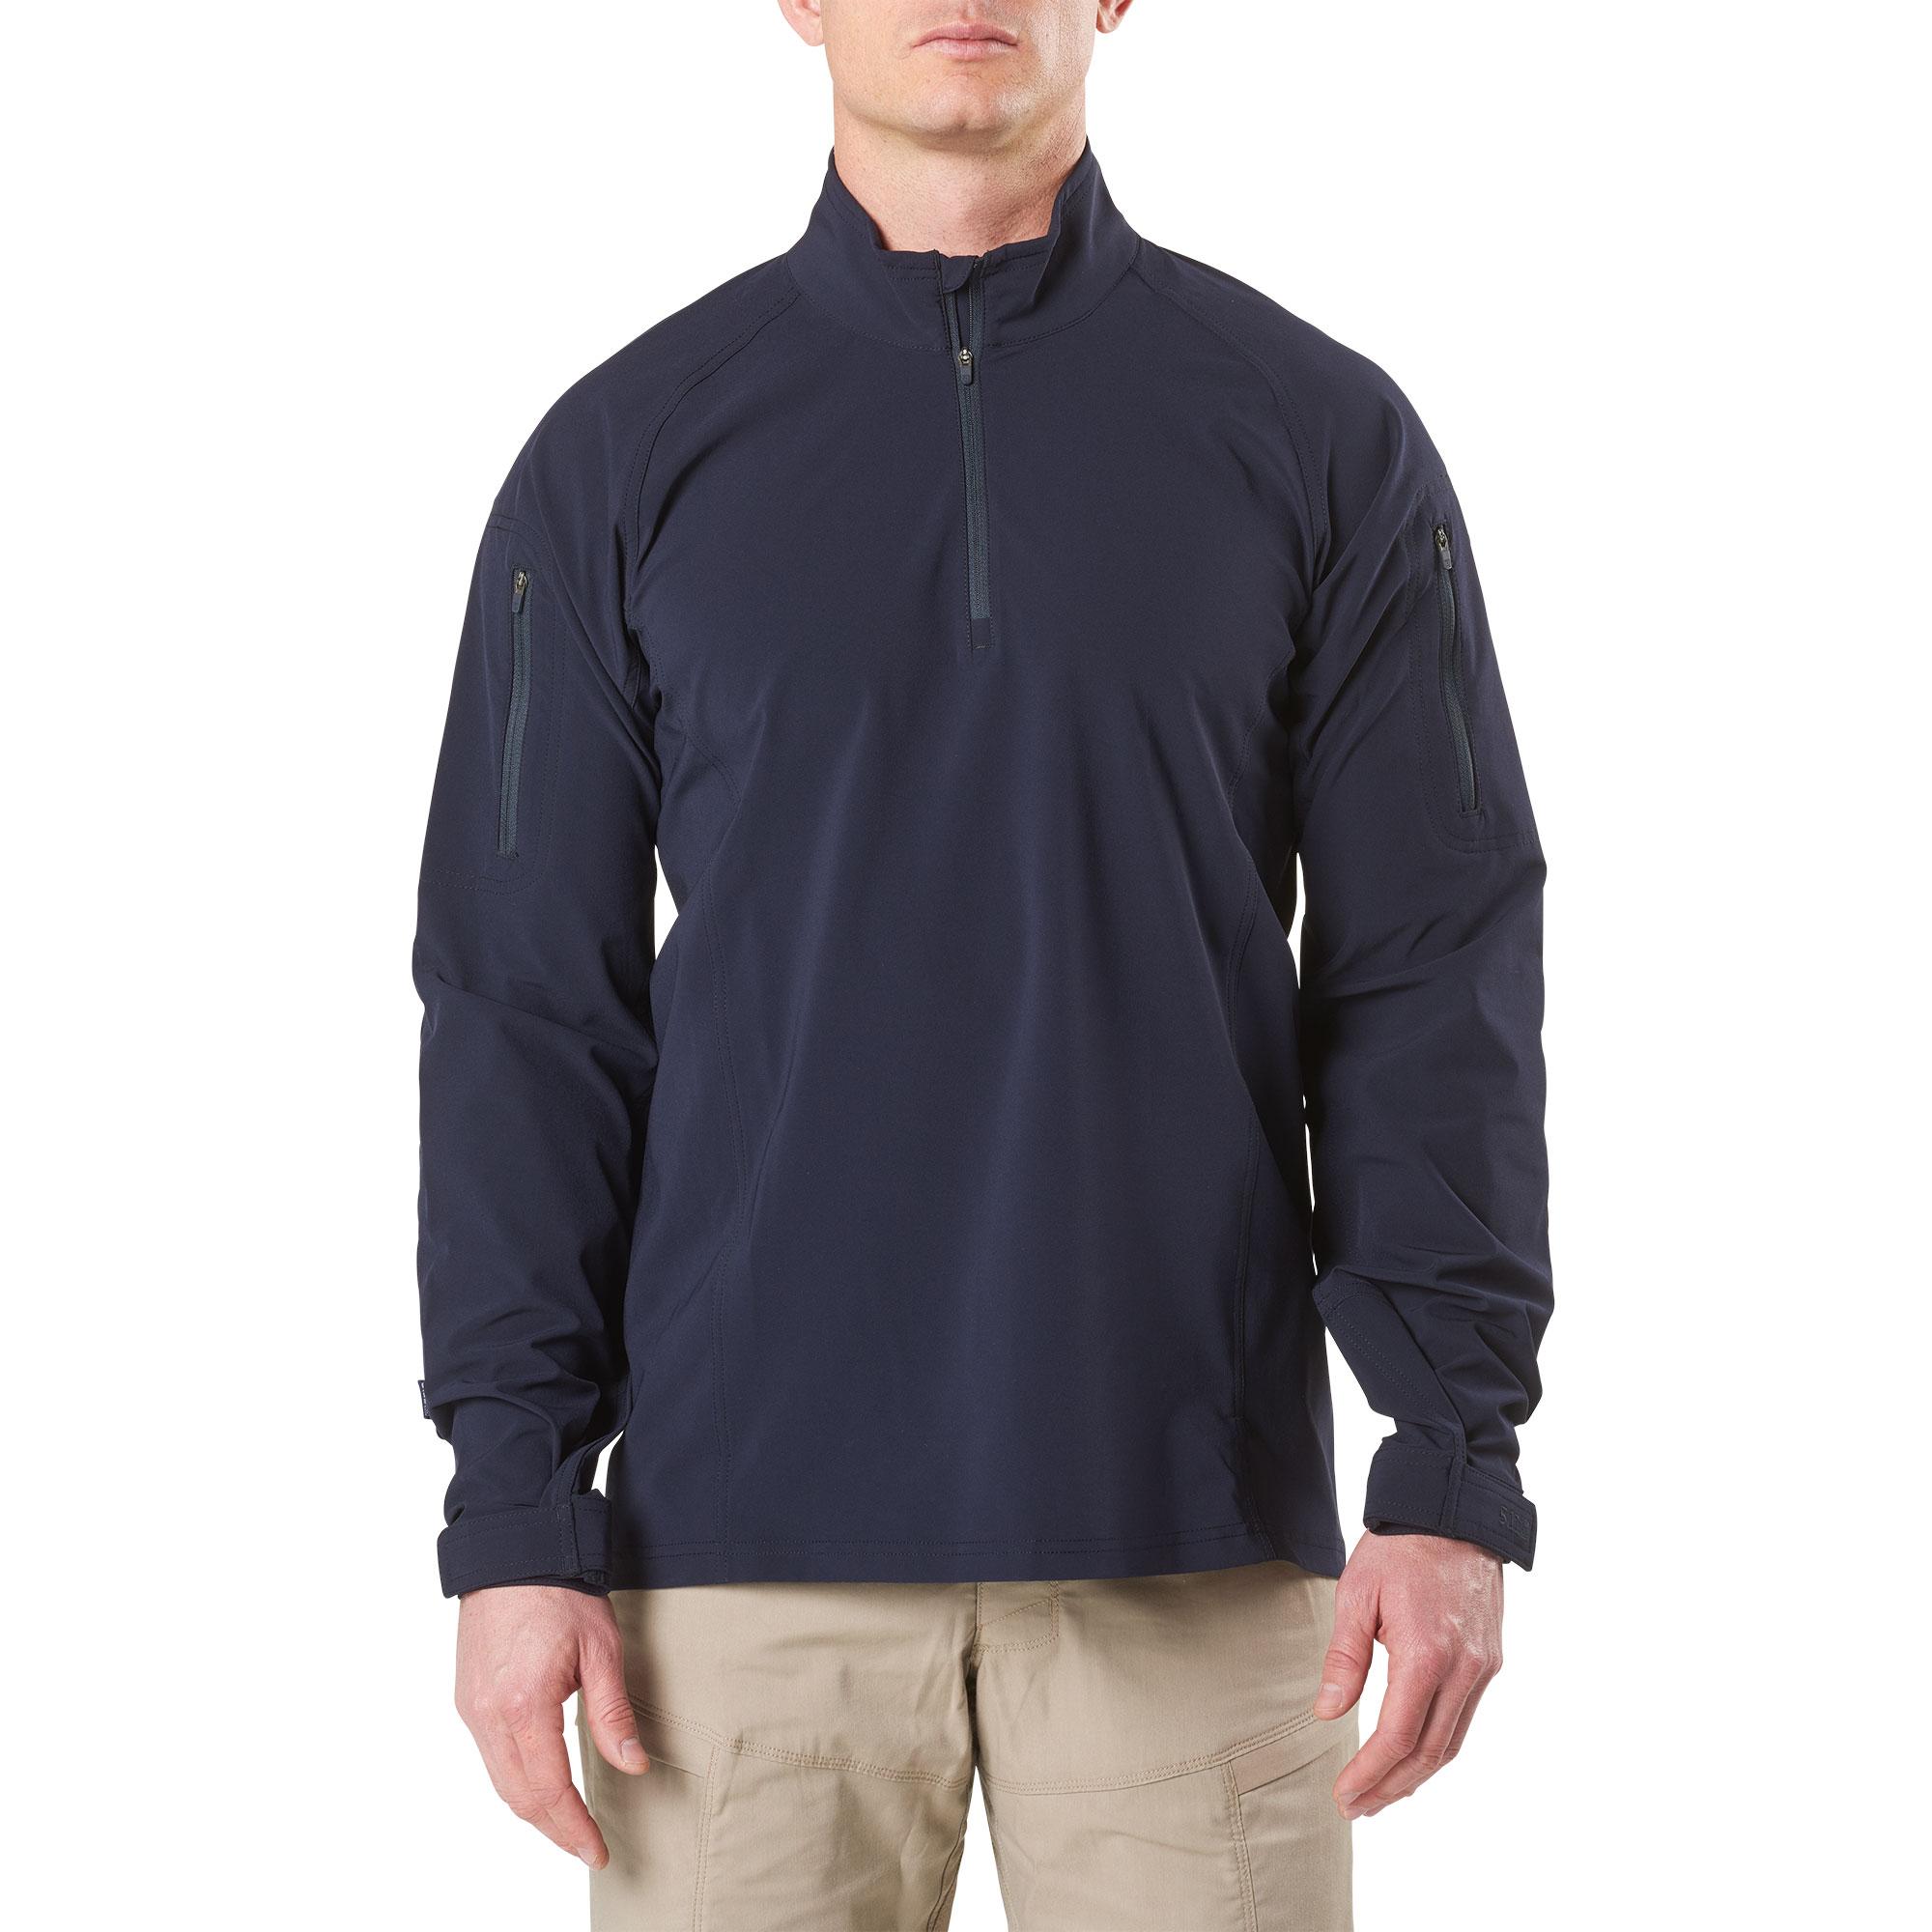 Rapid OPS Shirt - 5.11